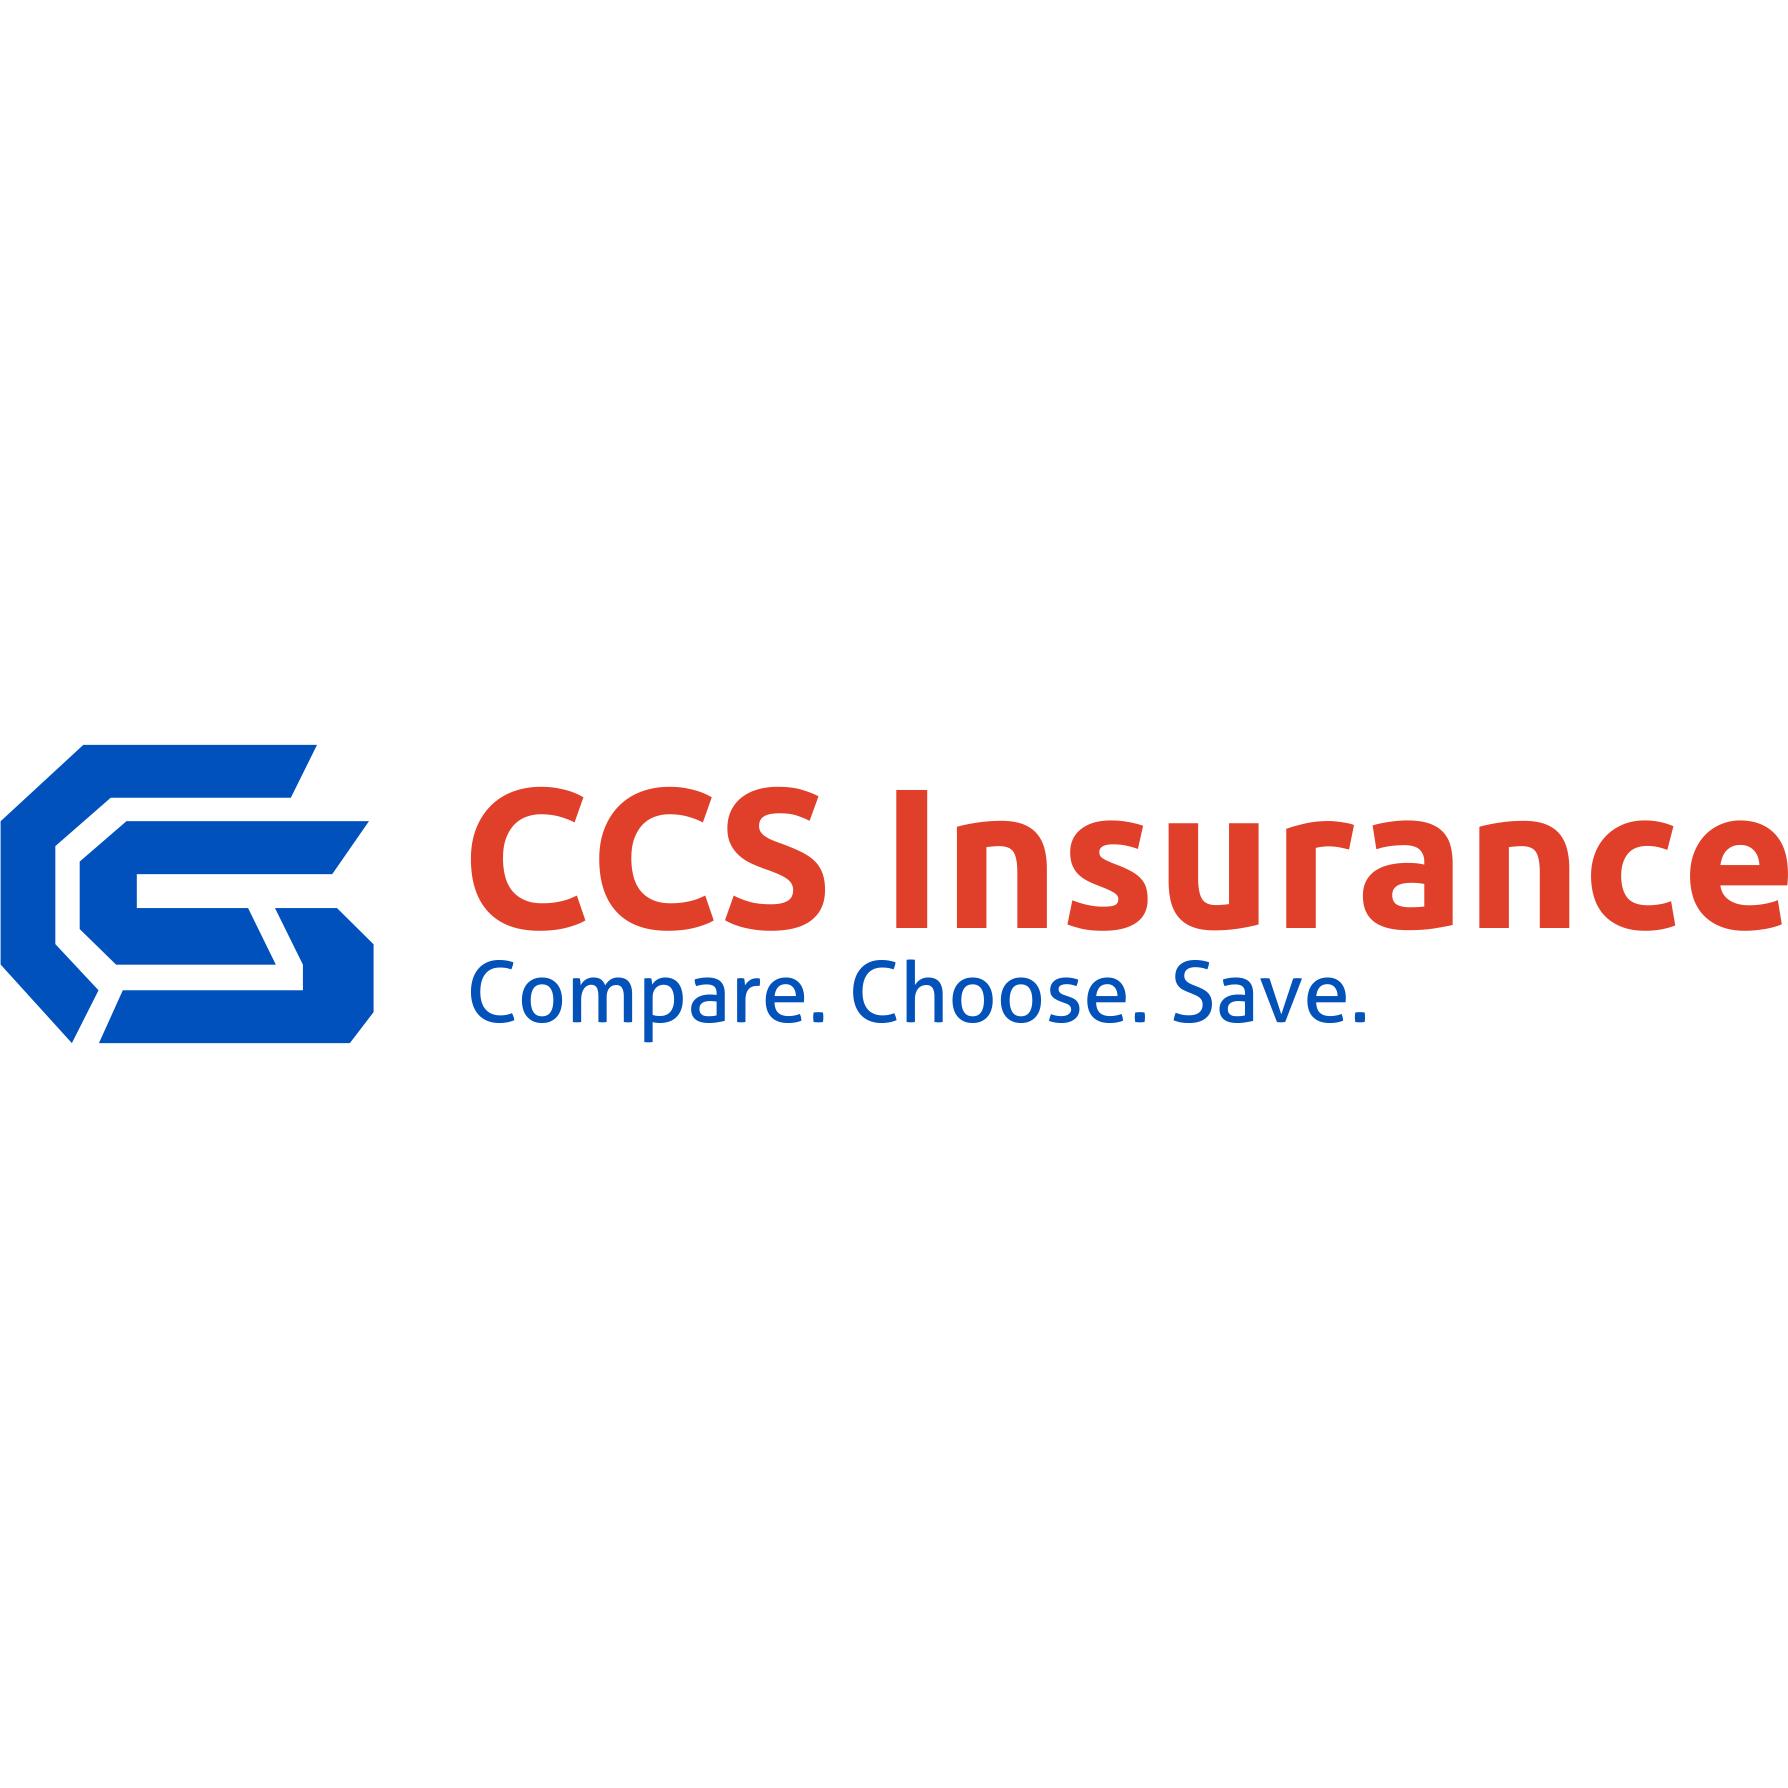 Ccs coupon code